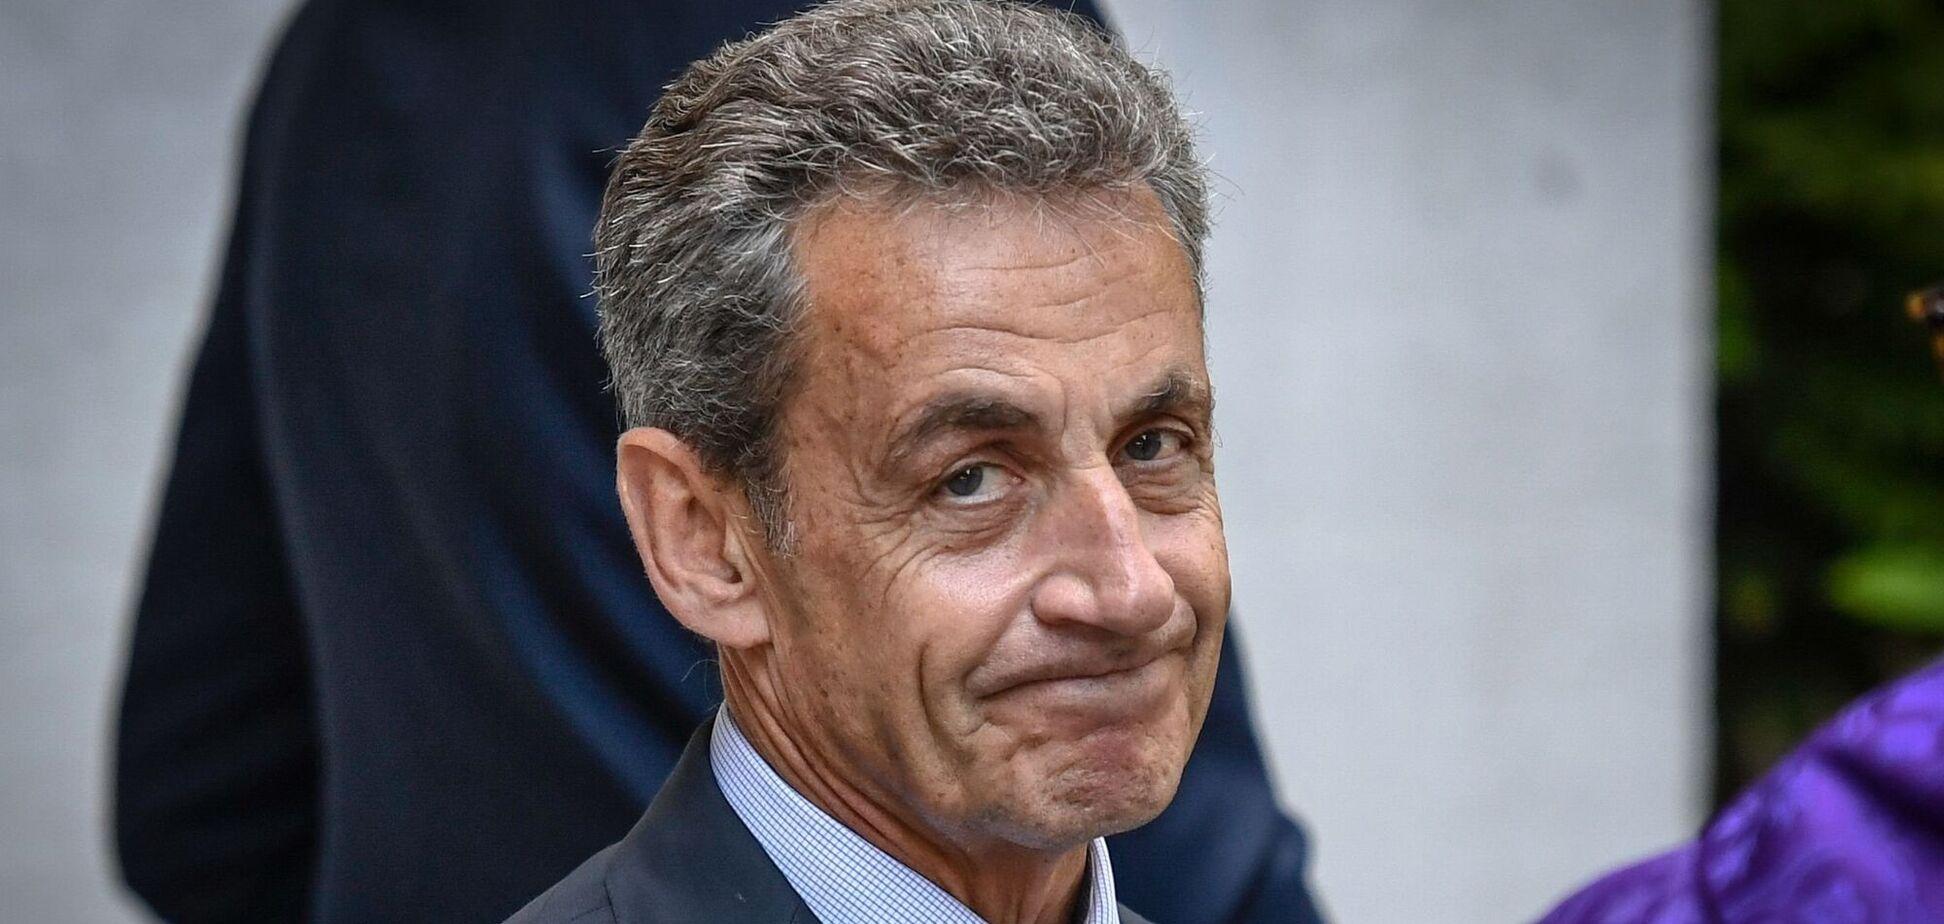 Саркози обвинили в создании преступной группировки